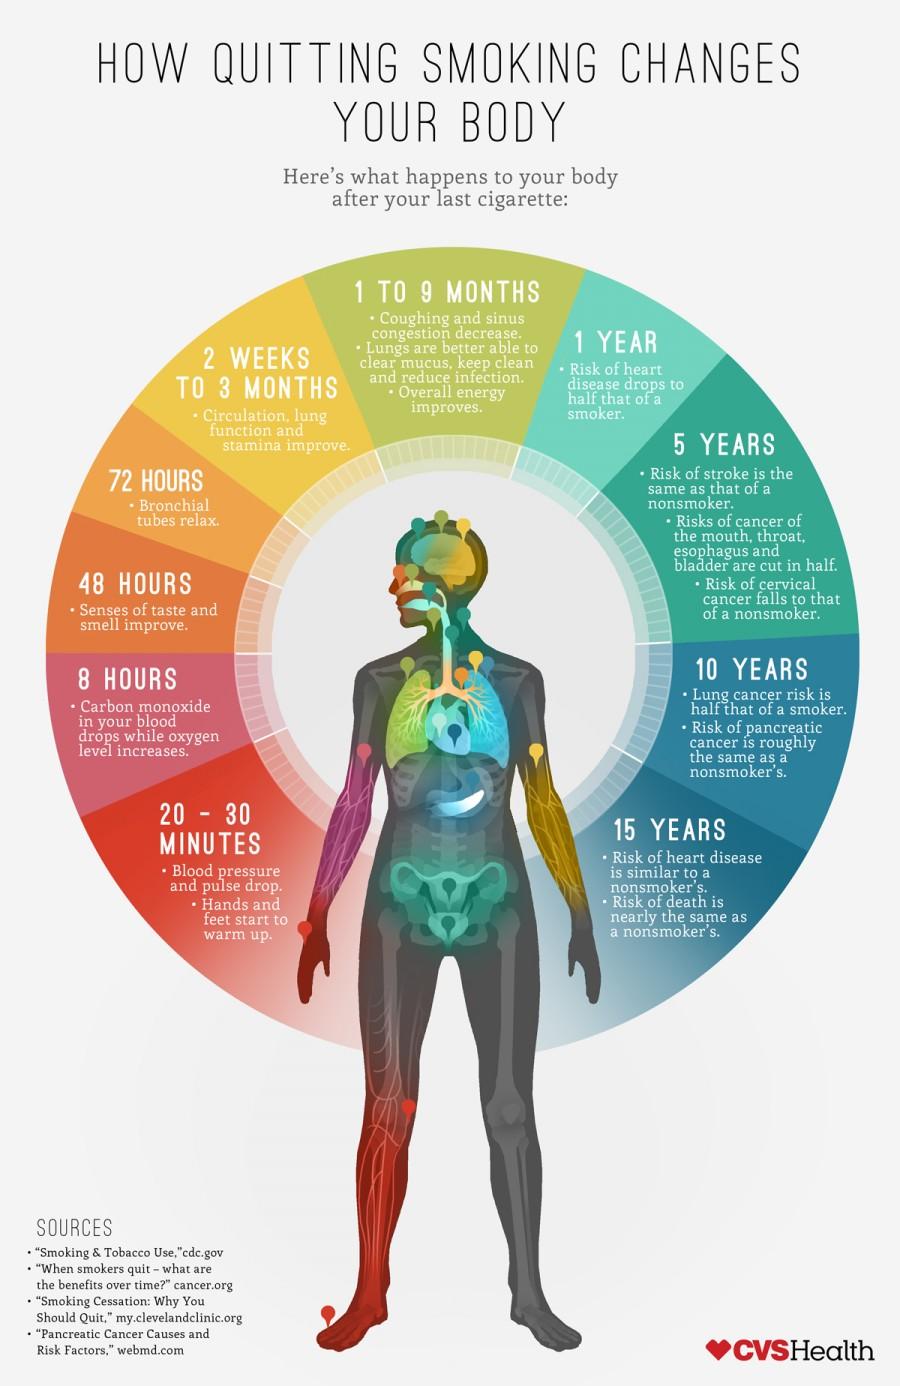 インフォグラフィック:禁煙効果は体にすぐ現れる。禁煙外来の費用目安2万円